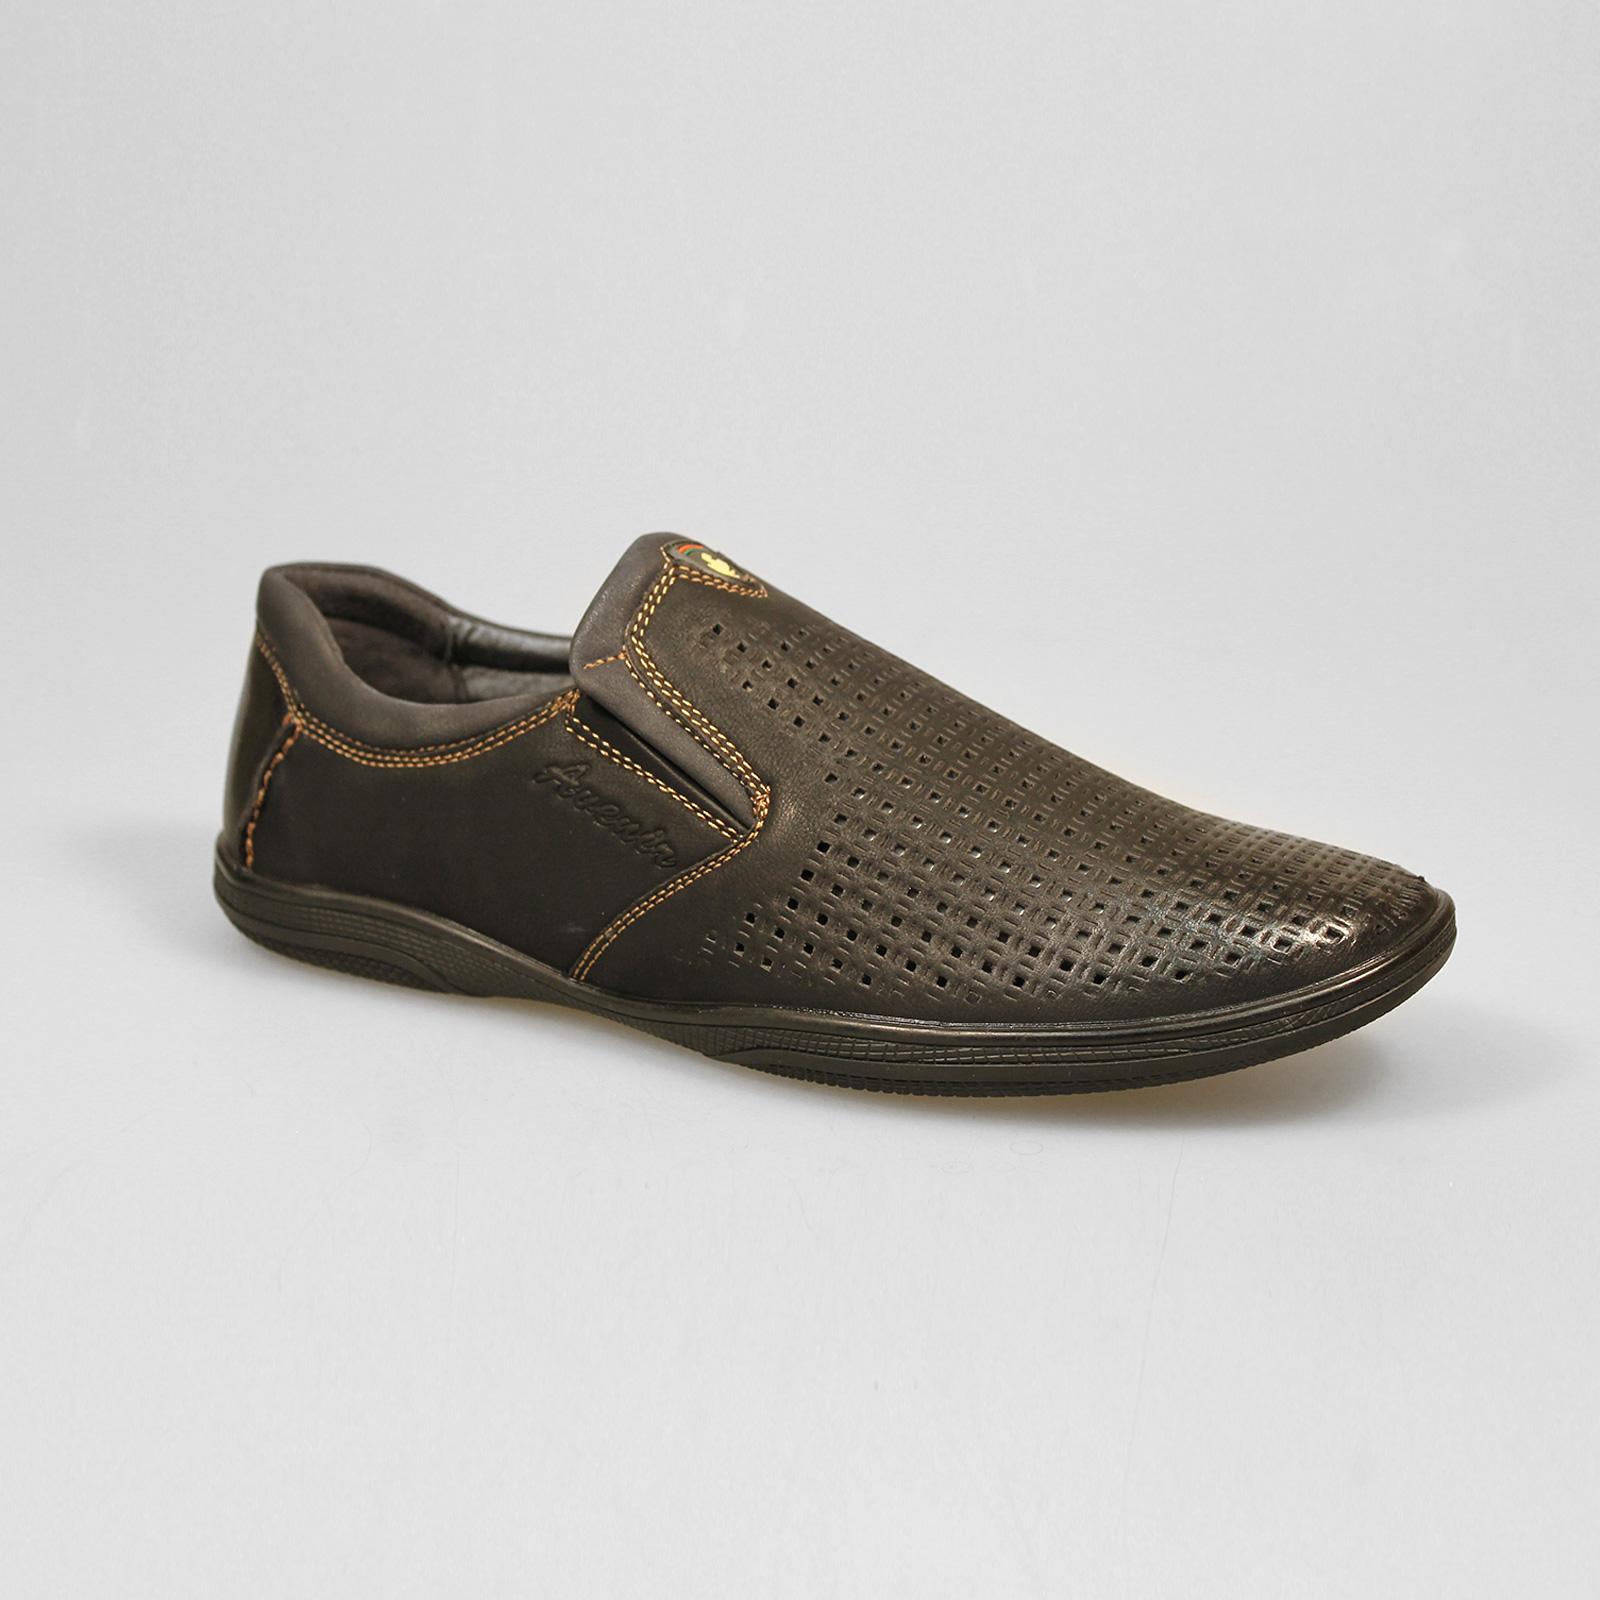 Туфли мужские декорированные мелкой сквозной перфорацией на мысу